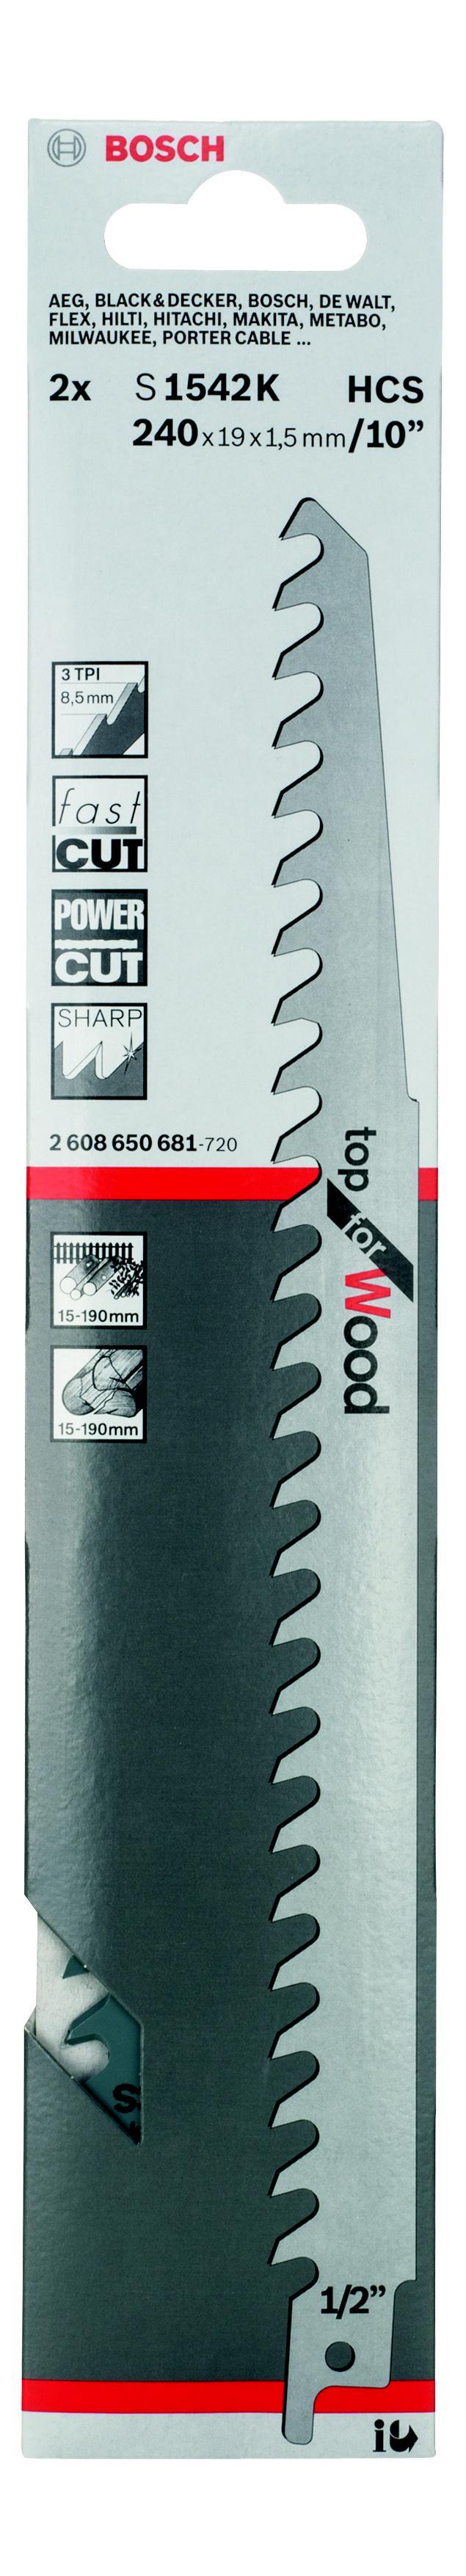 Полотно для сабельной пилы Bosch S 1542 k (2.608.650.681) bosch s 1542 k